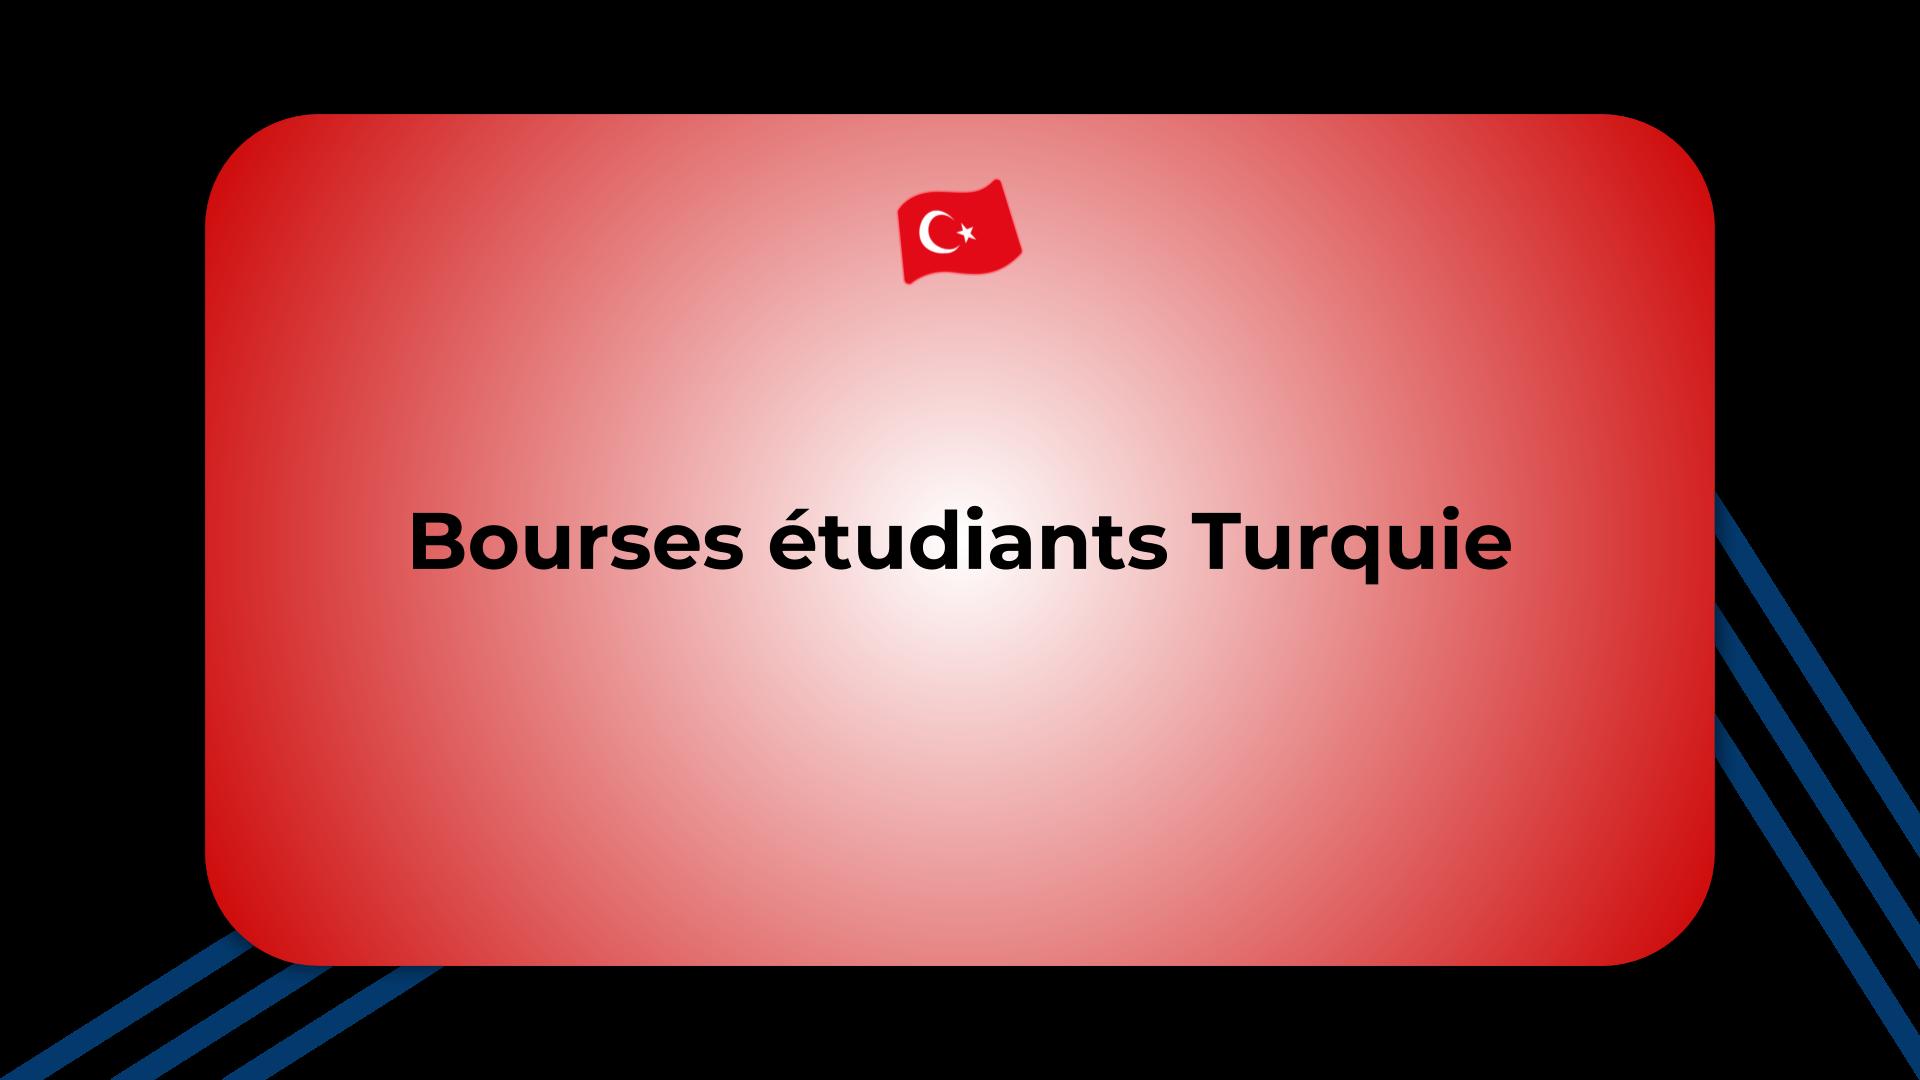 Bourses étudiants Turquie